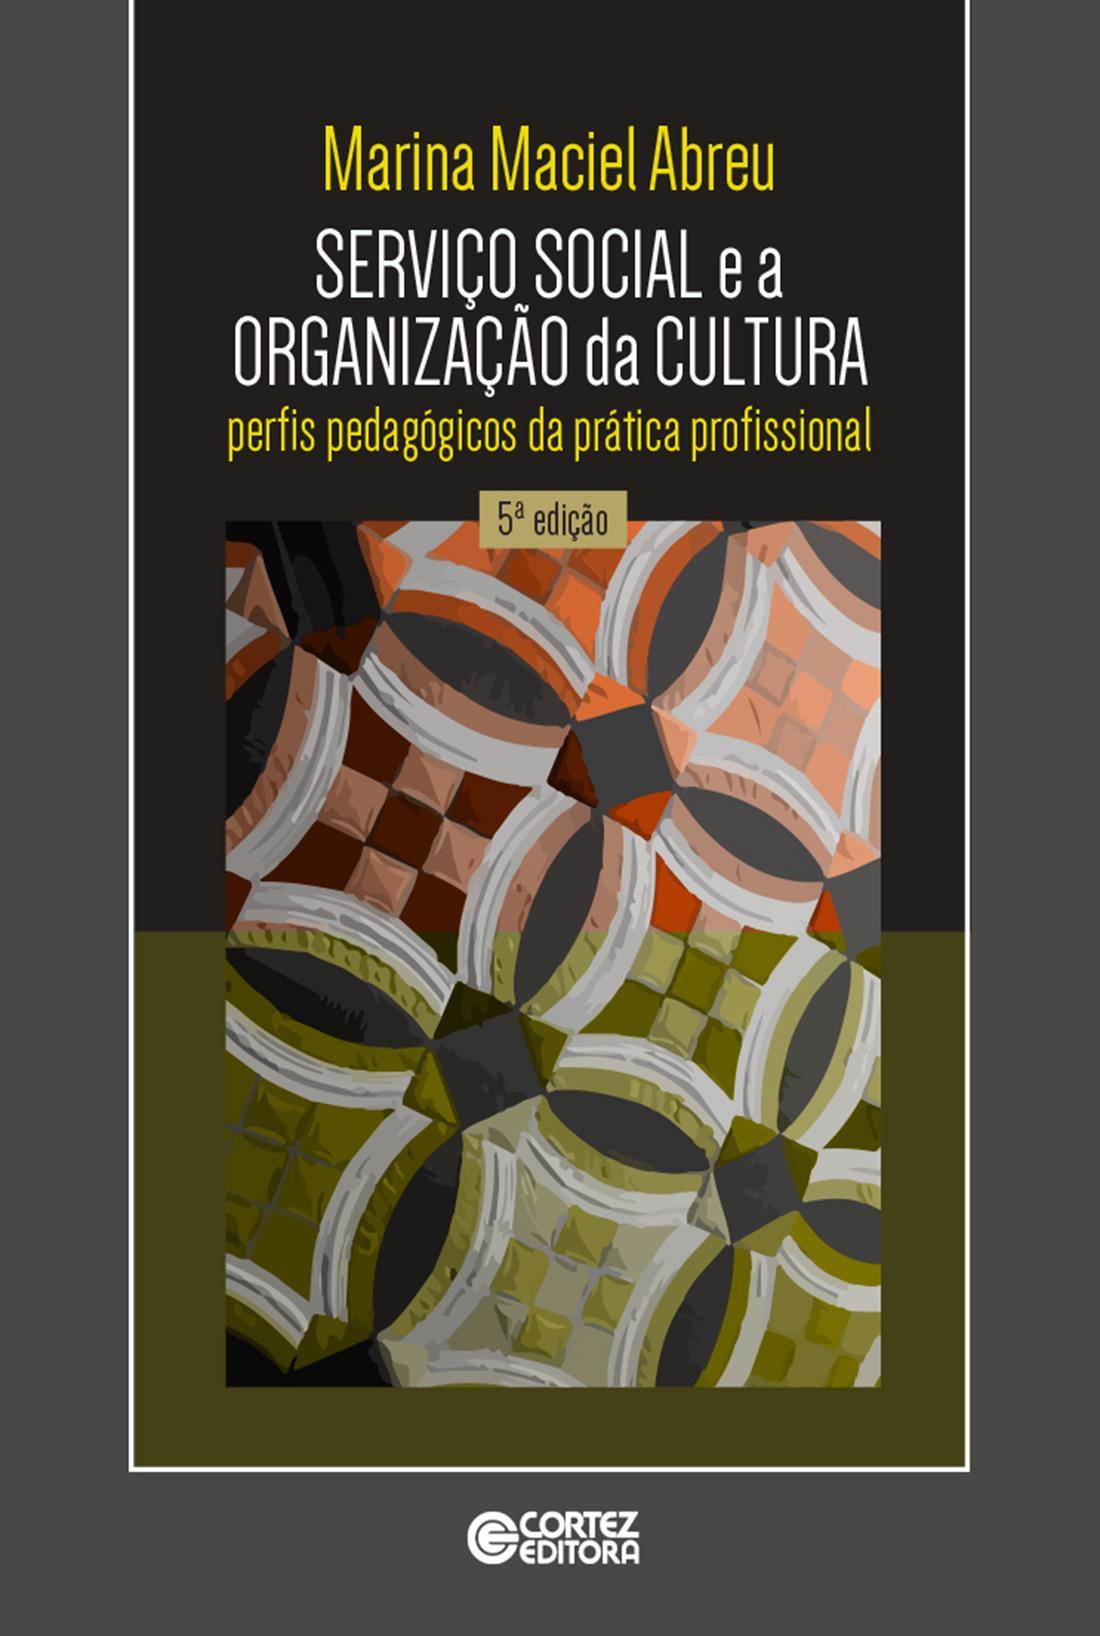 Serviço social e a organização da cultura - perfis pedagógicos da prática profissional, livro de Marina Maciel Abreu